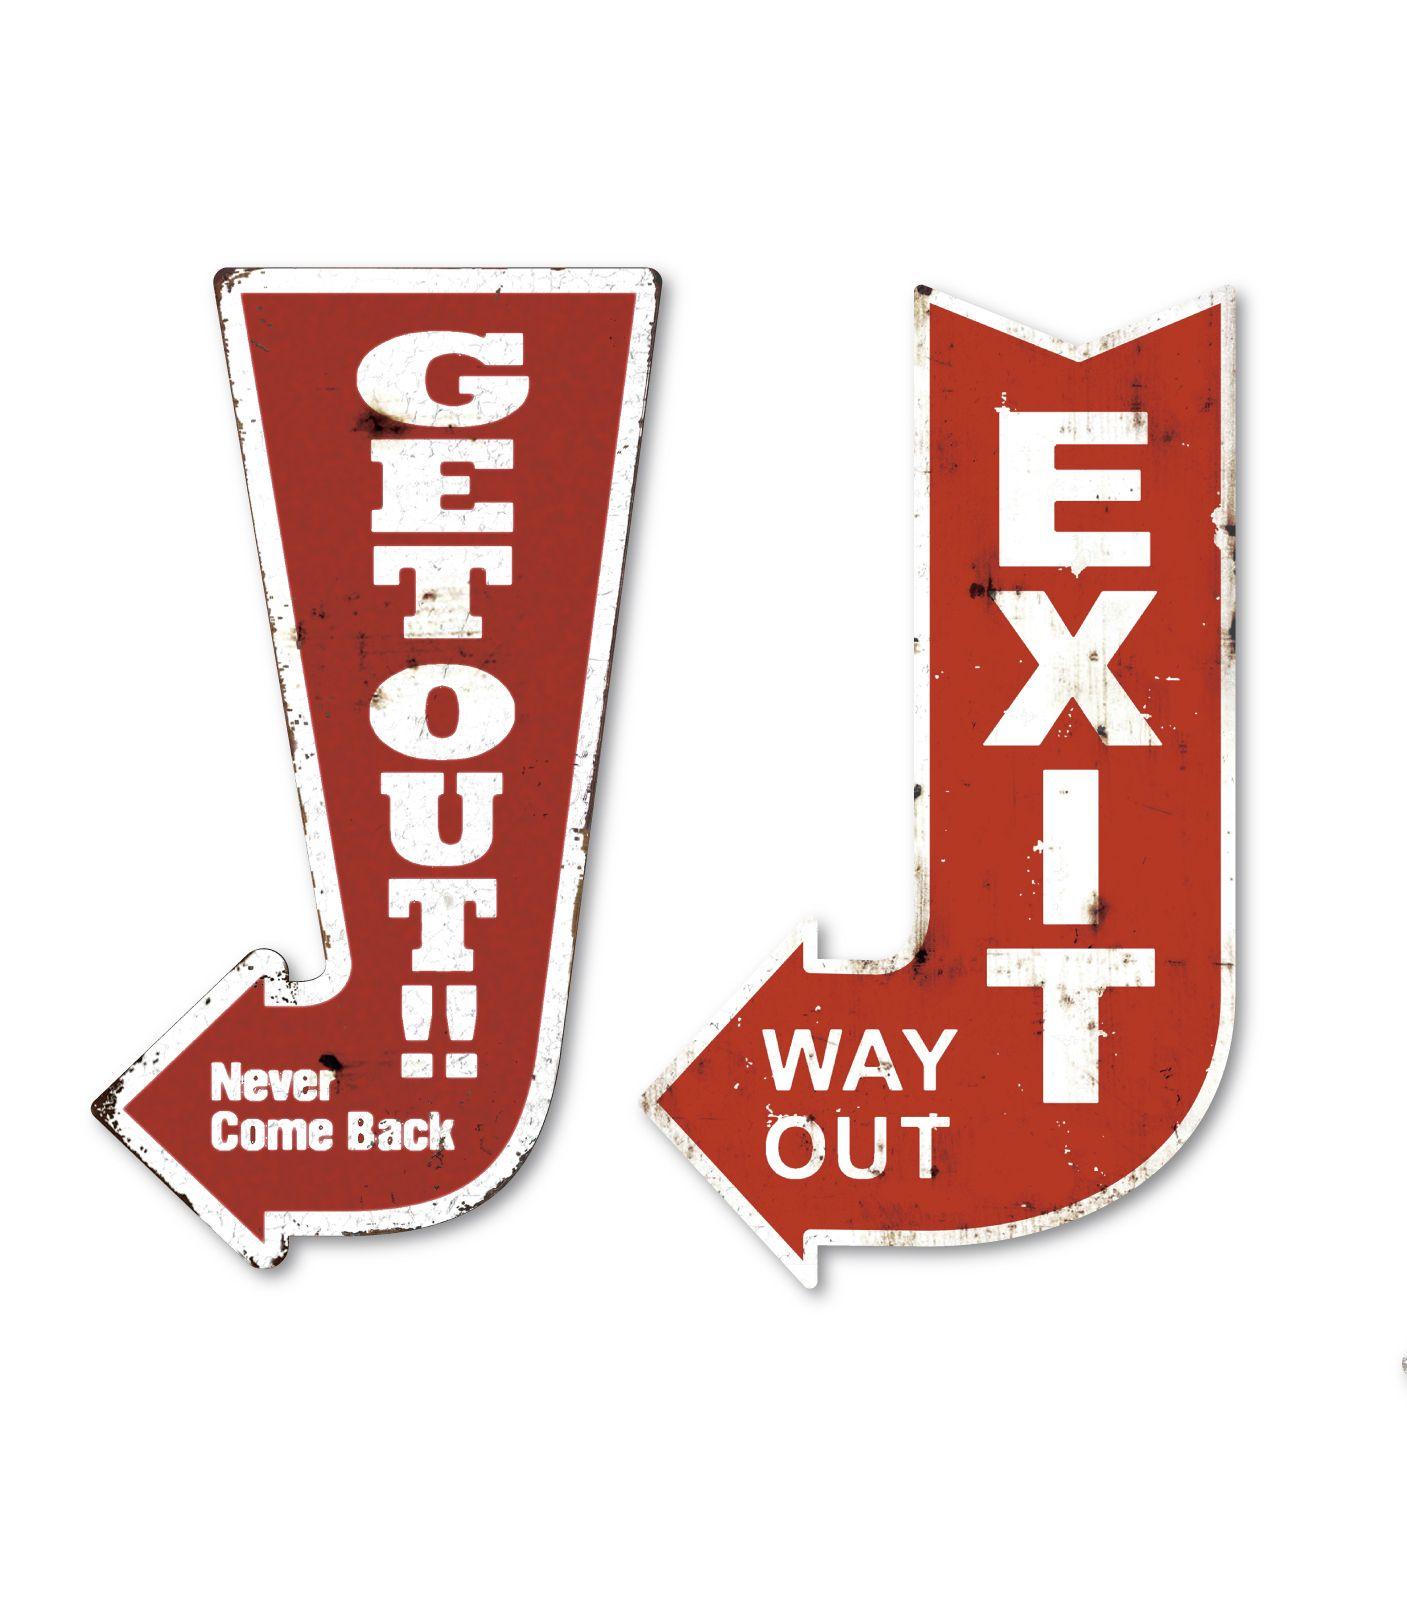 Original Vintage L Type Arrow Sign #Vintage Sign #Vintage Graphic Design